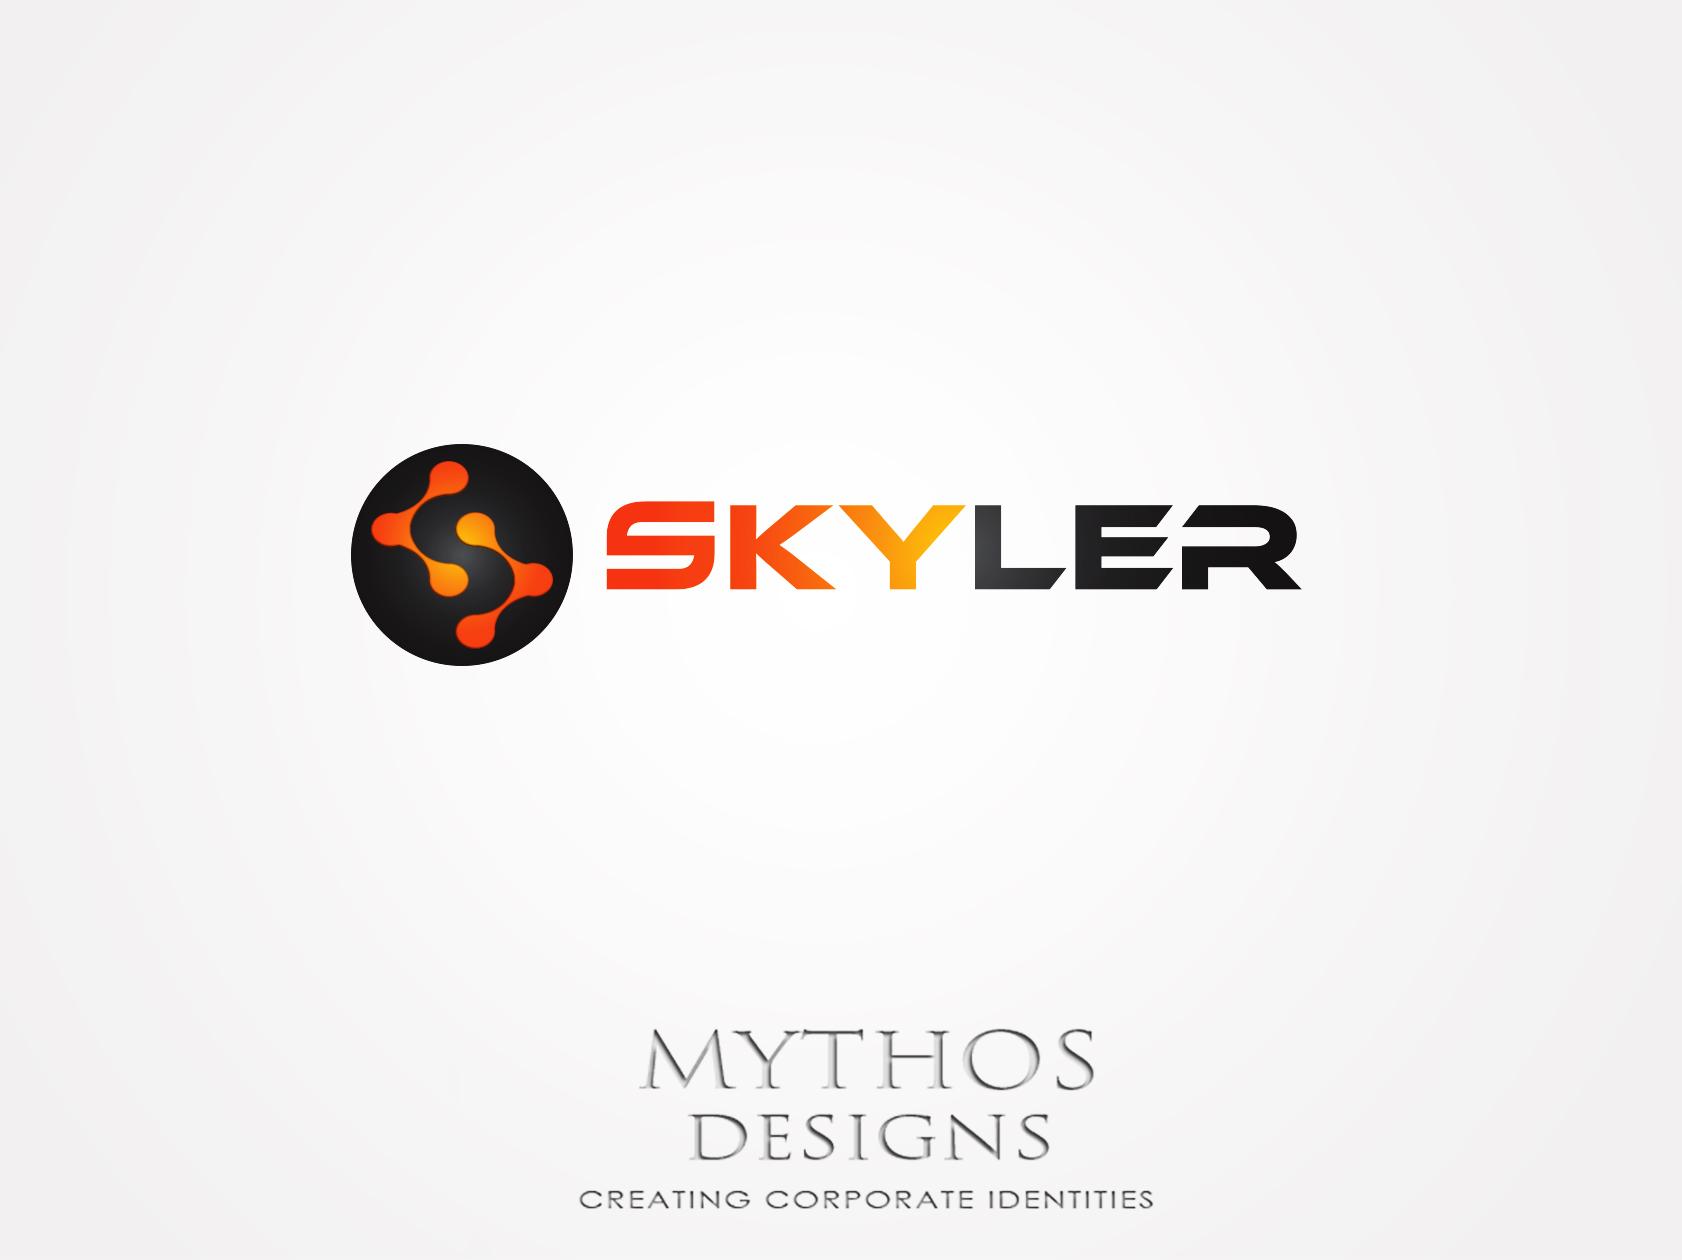 Logo Design by Mythos Designs - Entry No. 103 in the Logo Design Contest Artistic Logo Design for Skyler.Asia.